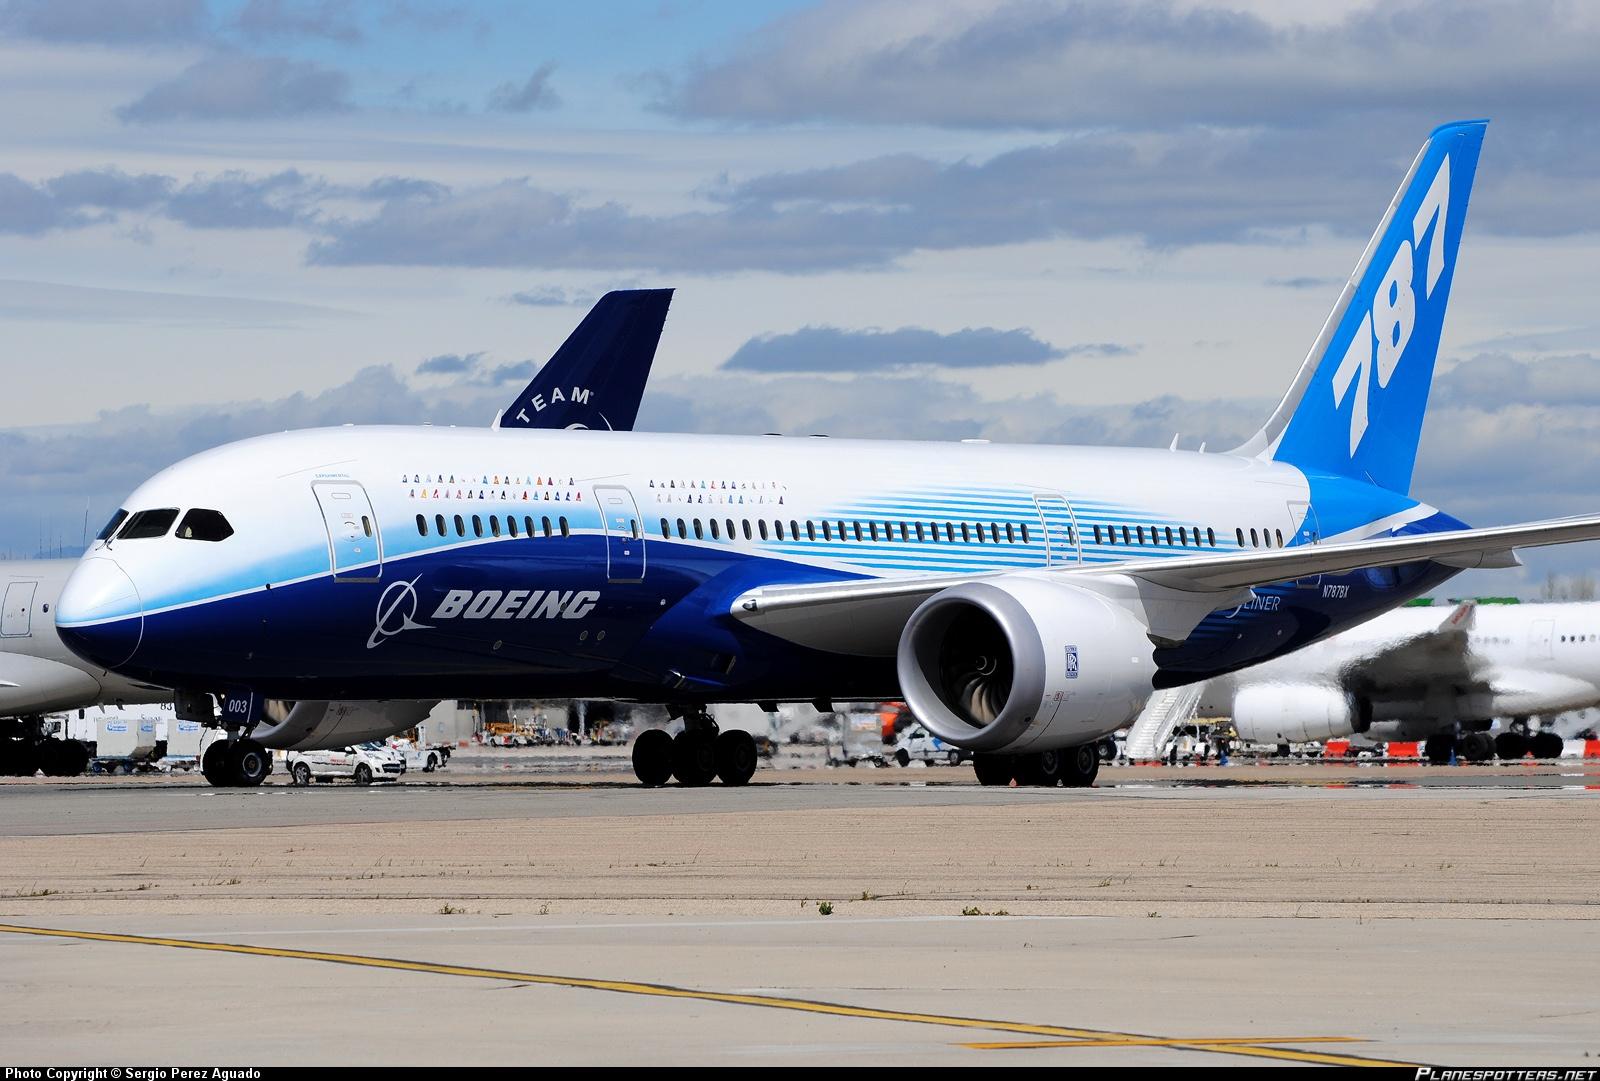 787_dreamliner-1.jpg